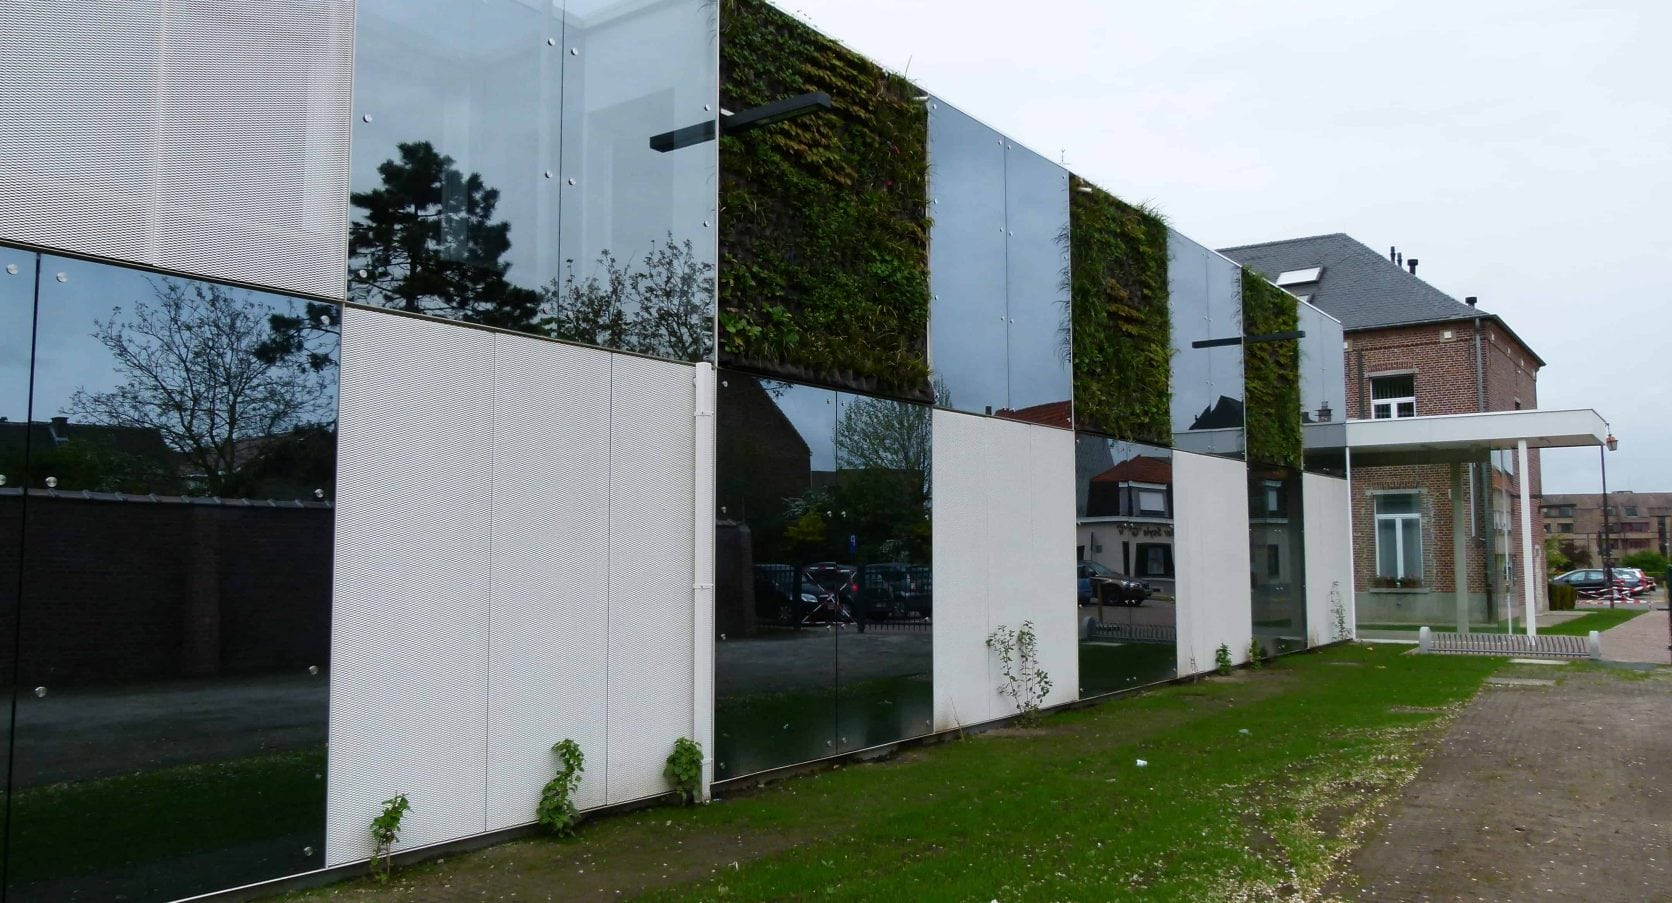 MD Strekmetaal en Flack gevelpanelen van het Sociaal Huis in Ternat België